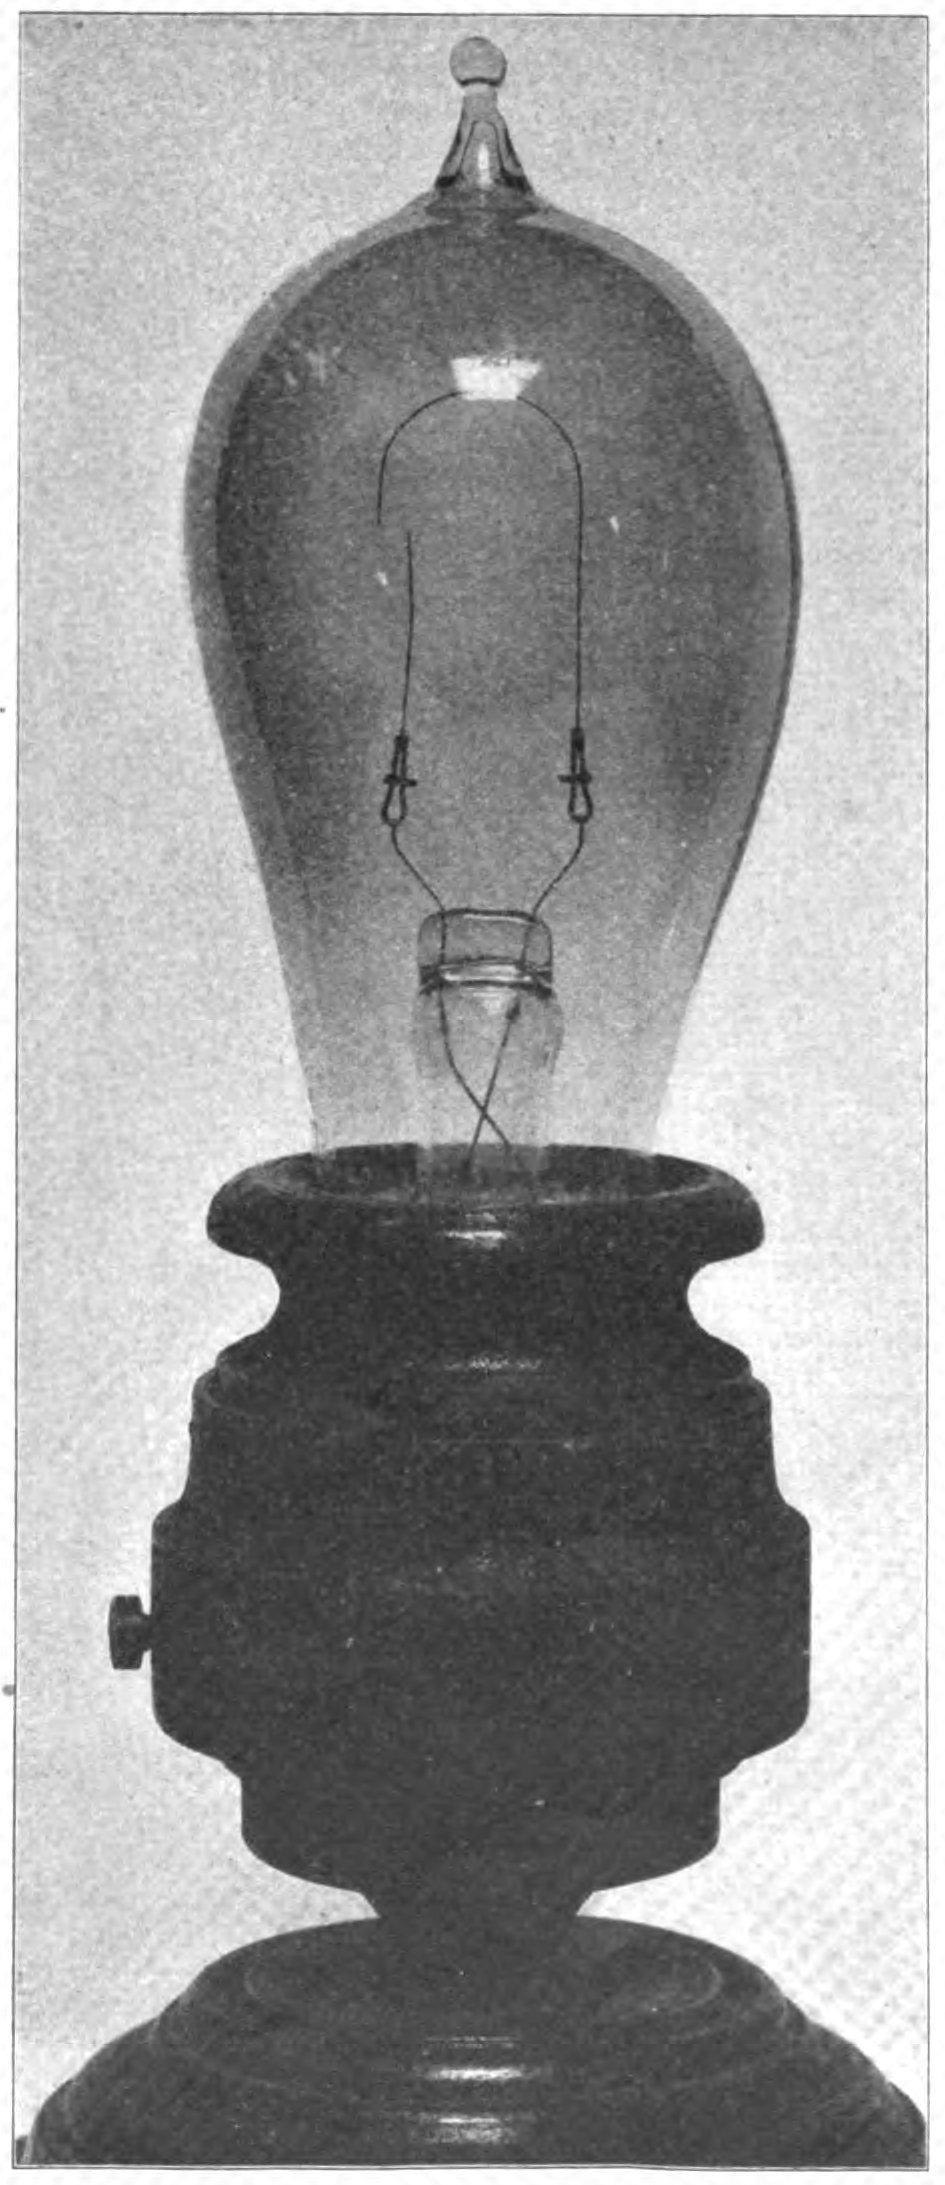 Thomas Edison Lightbulb